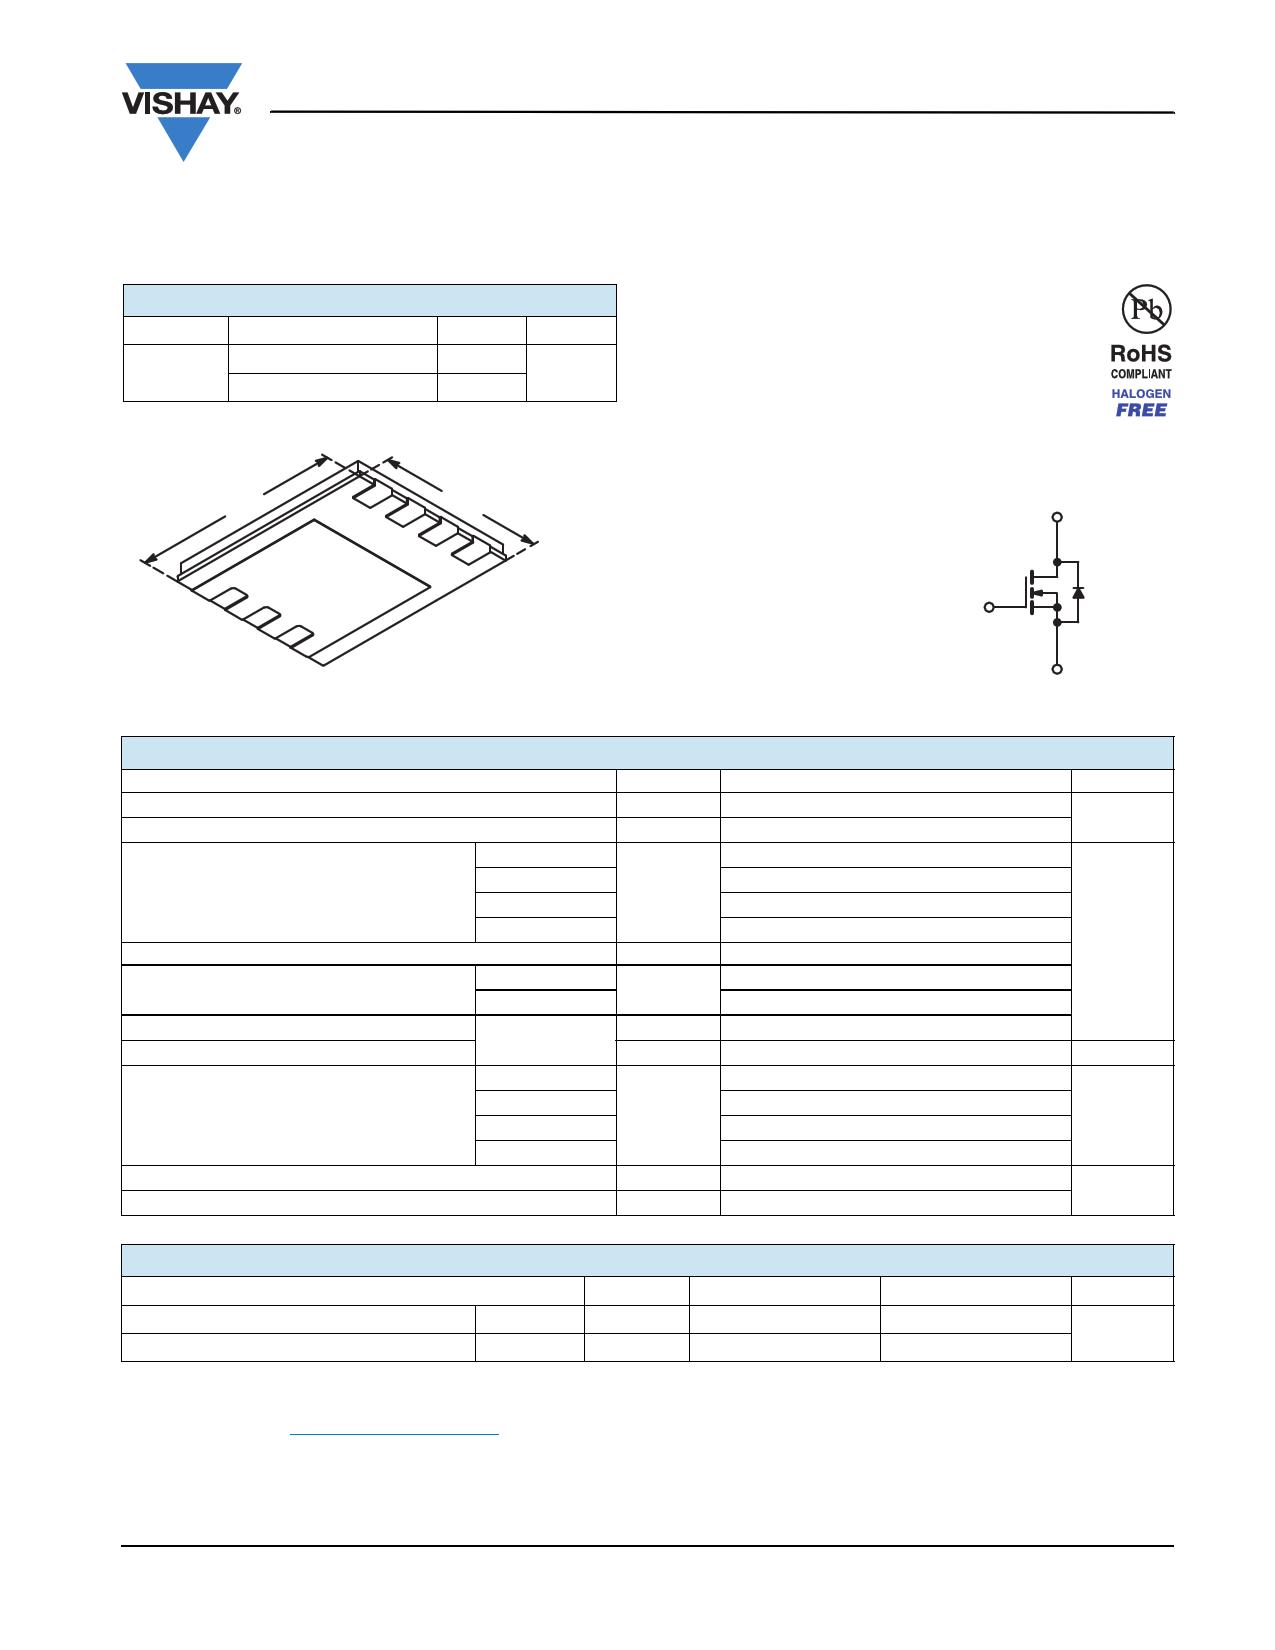 SIS892DN datasheet, circuit